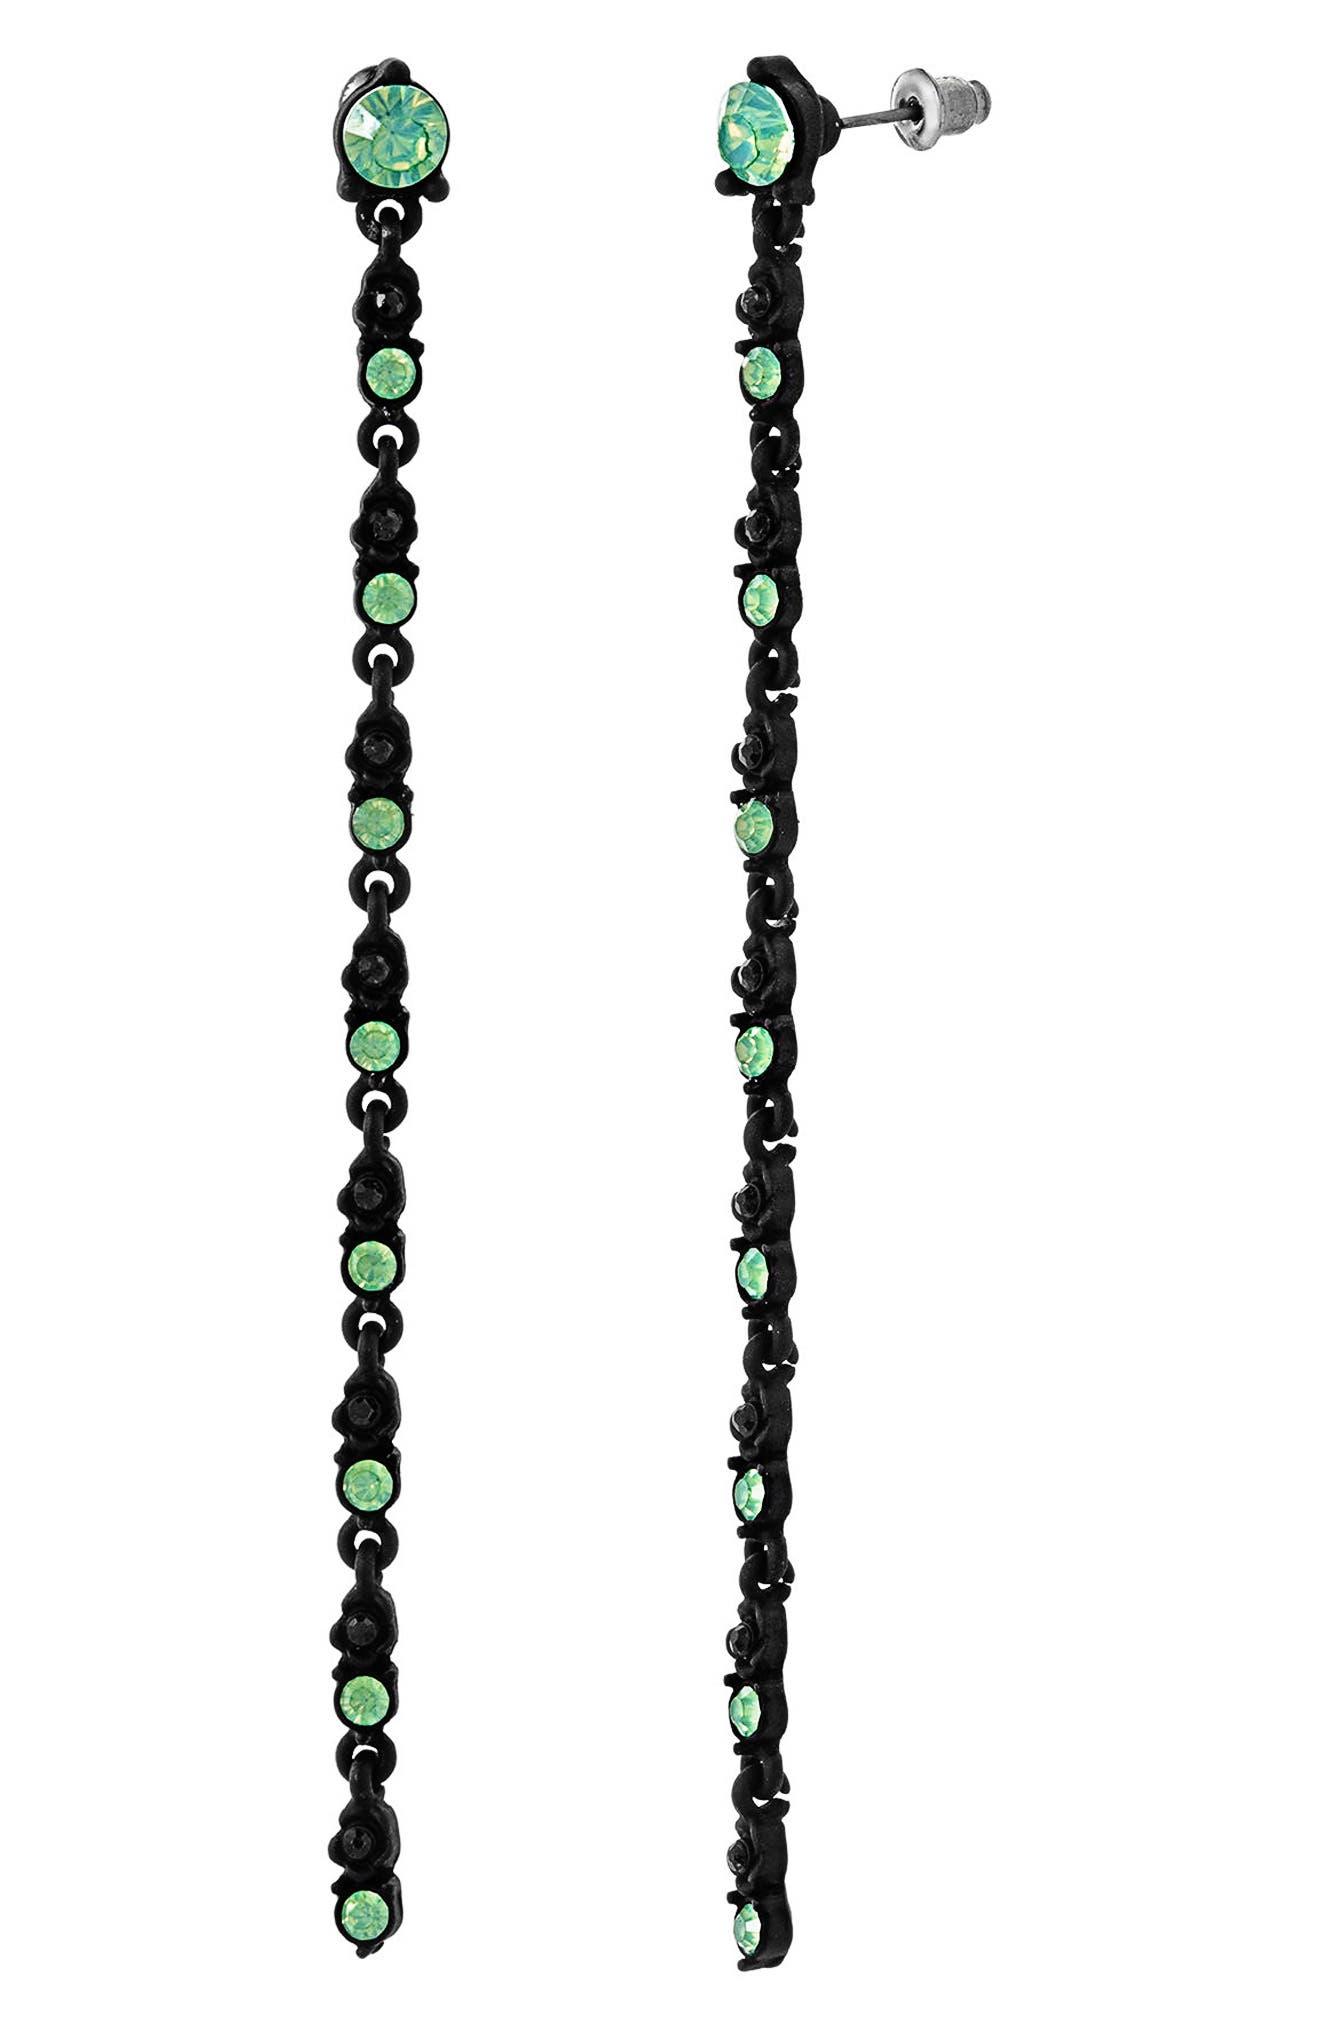 Crystal Linear Drop Earrings,                             Main thumbnail 1, color,                             Multi